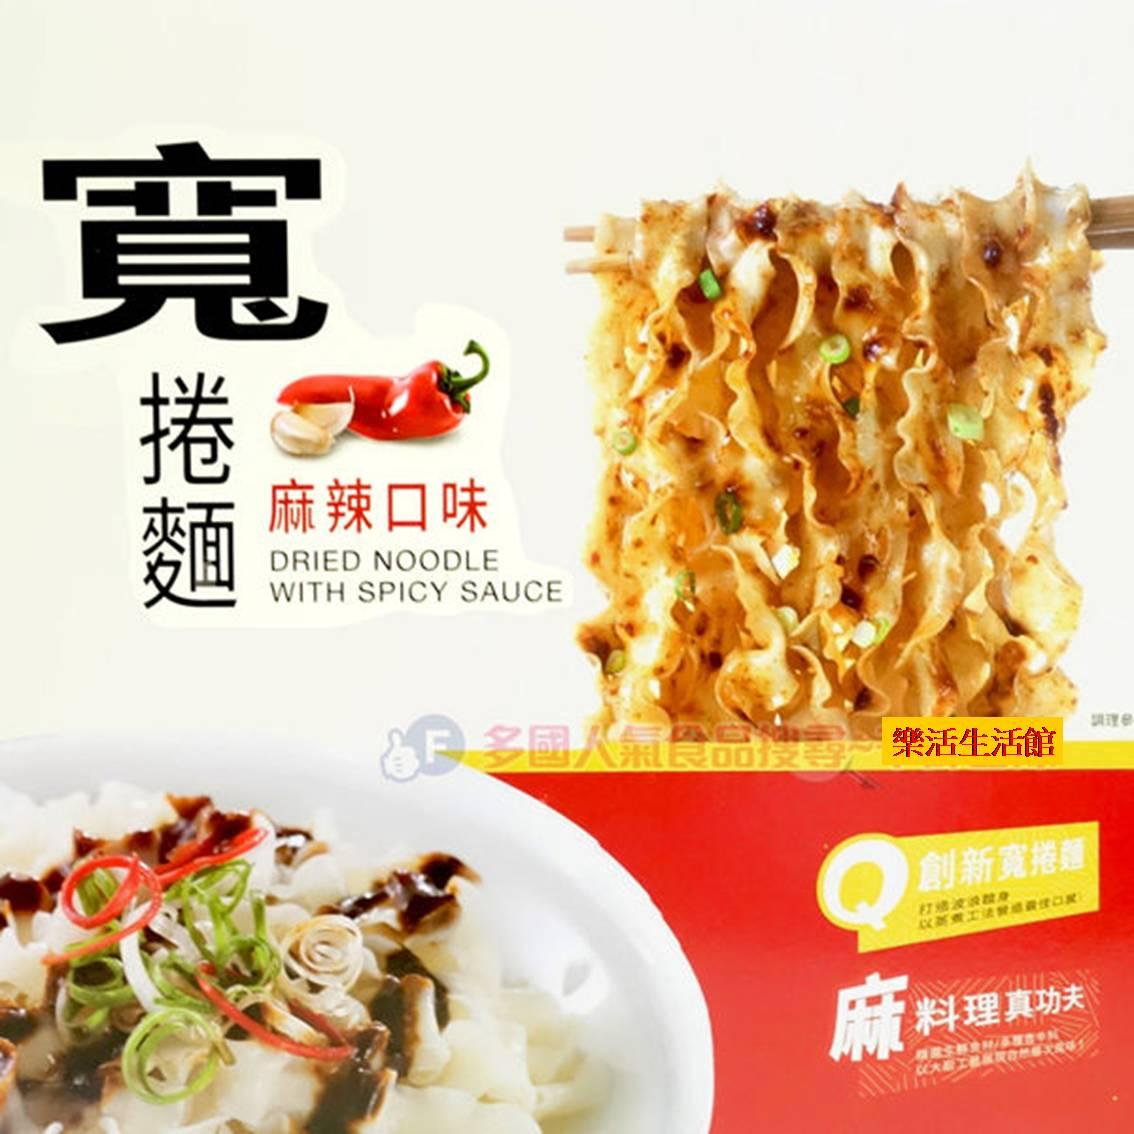 五木麻辣寬捲麵 的價格 - 飛比價格